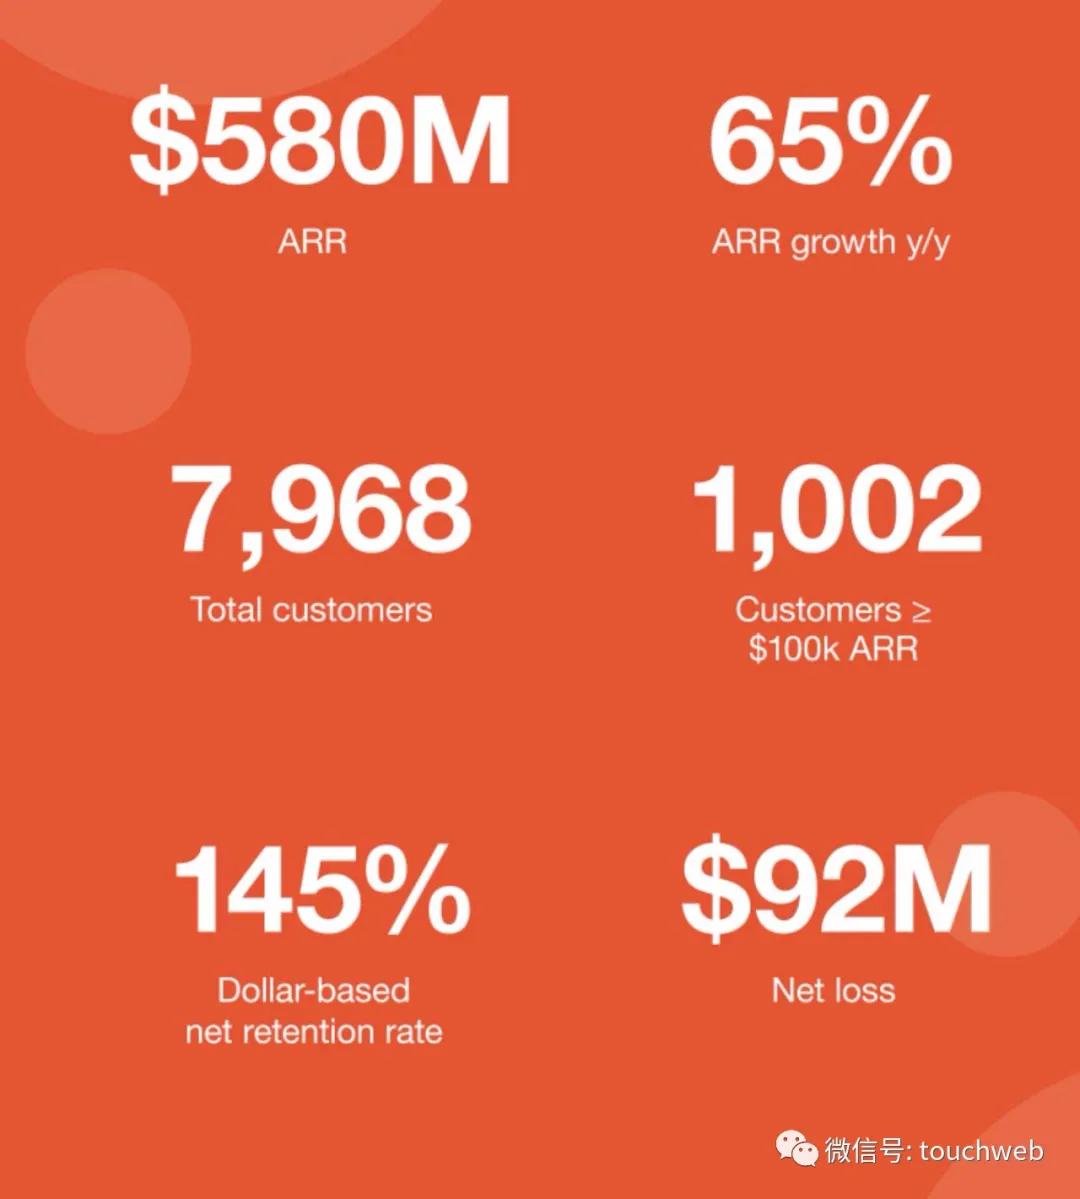 RPA企业Uipath上市:市值290亿美元 路演PPT曝光